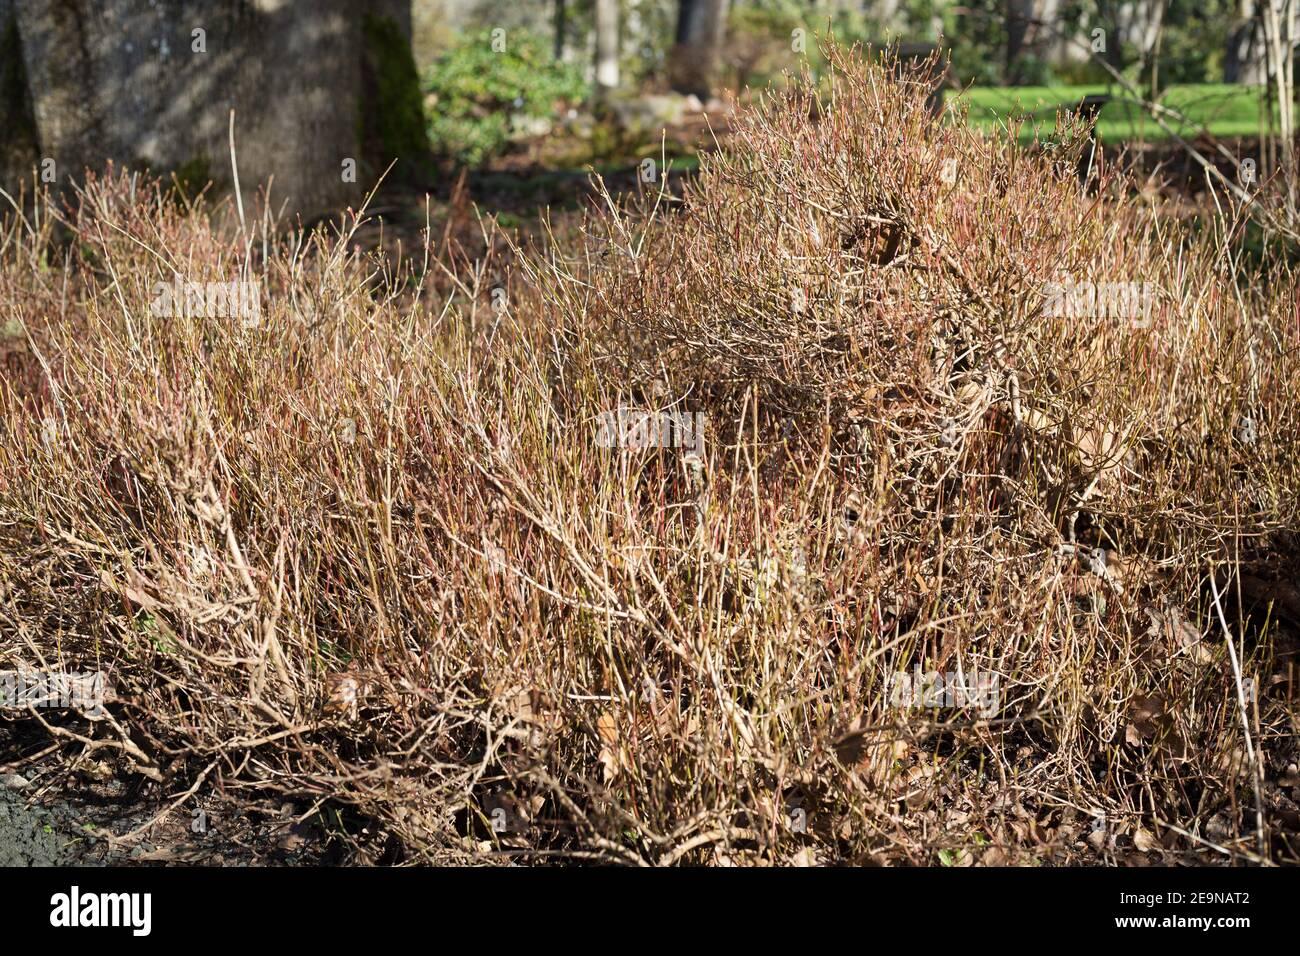 viburnum opulus nanum in winter 2E9NAT2